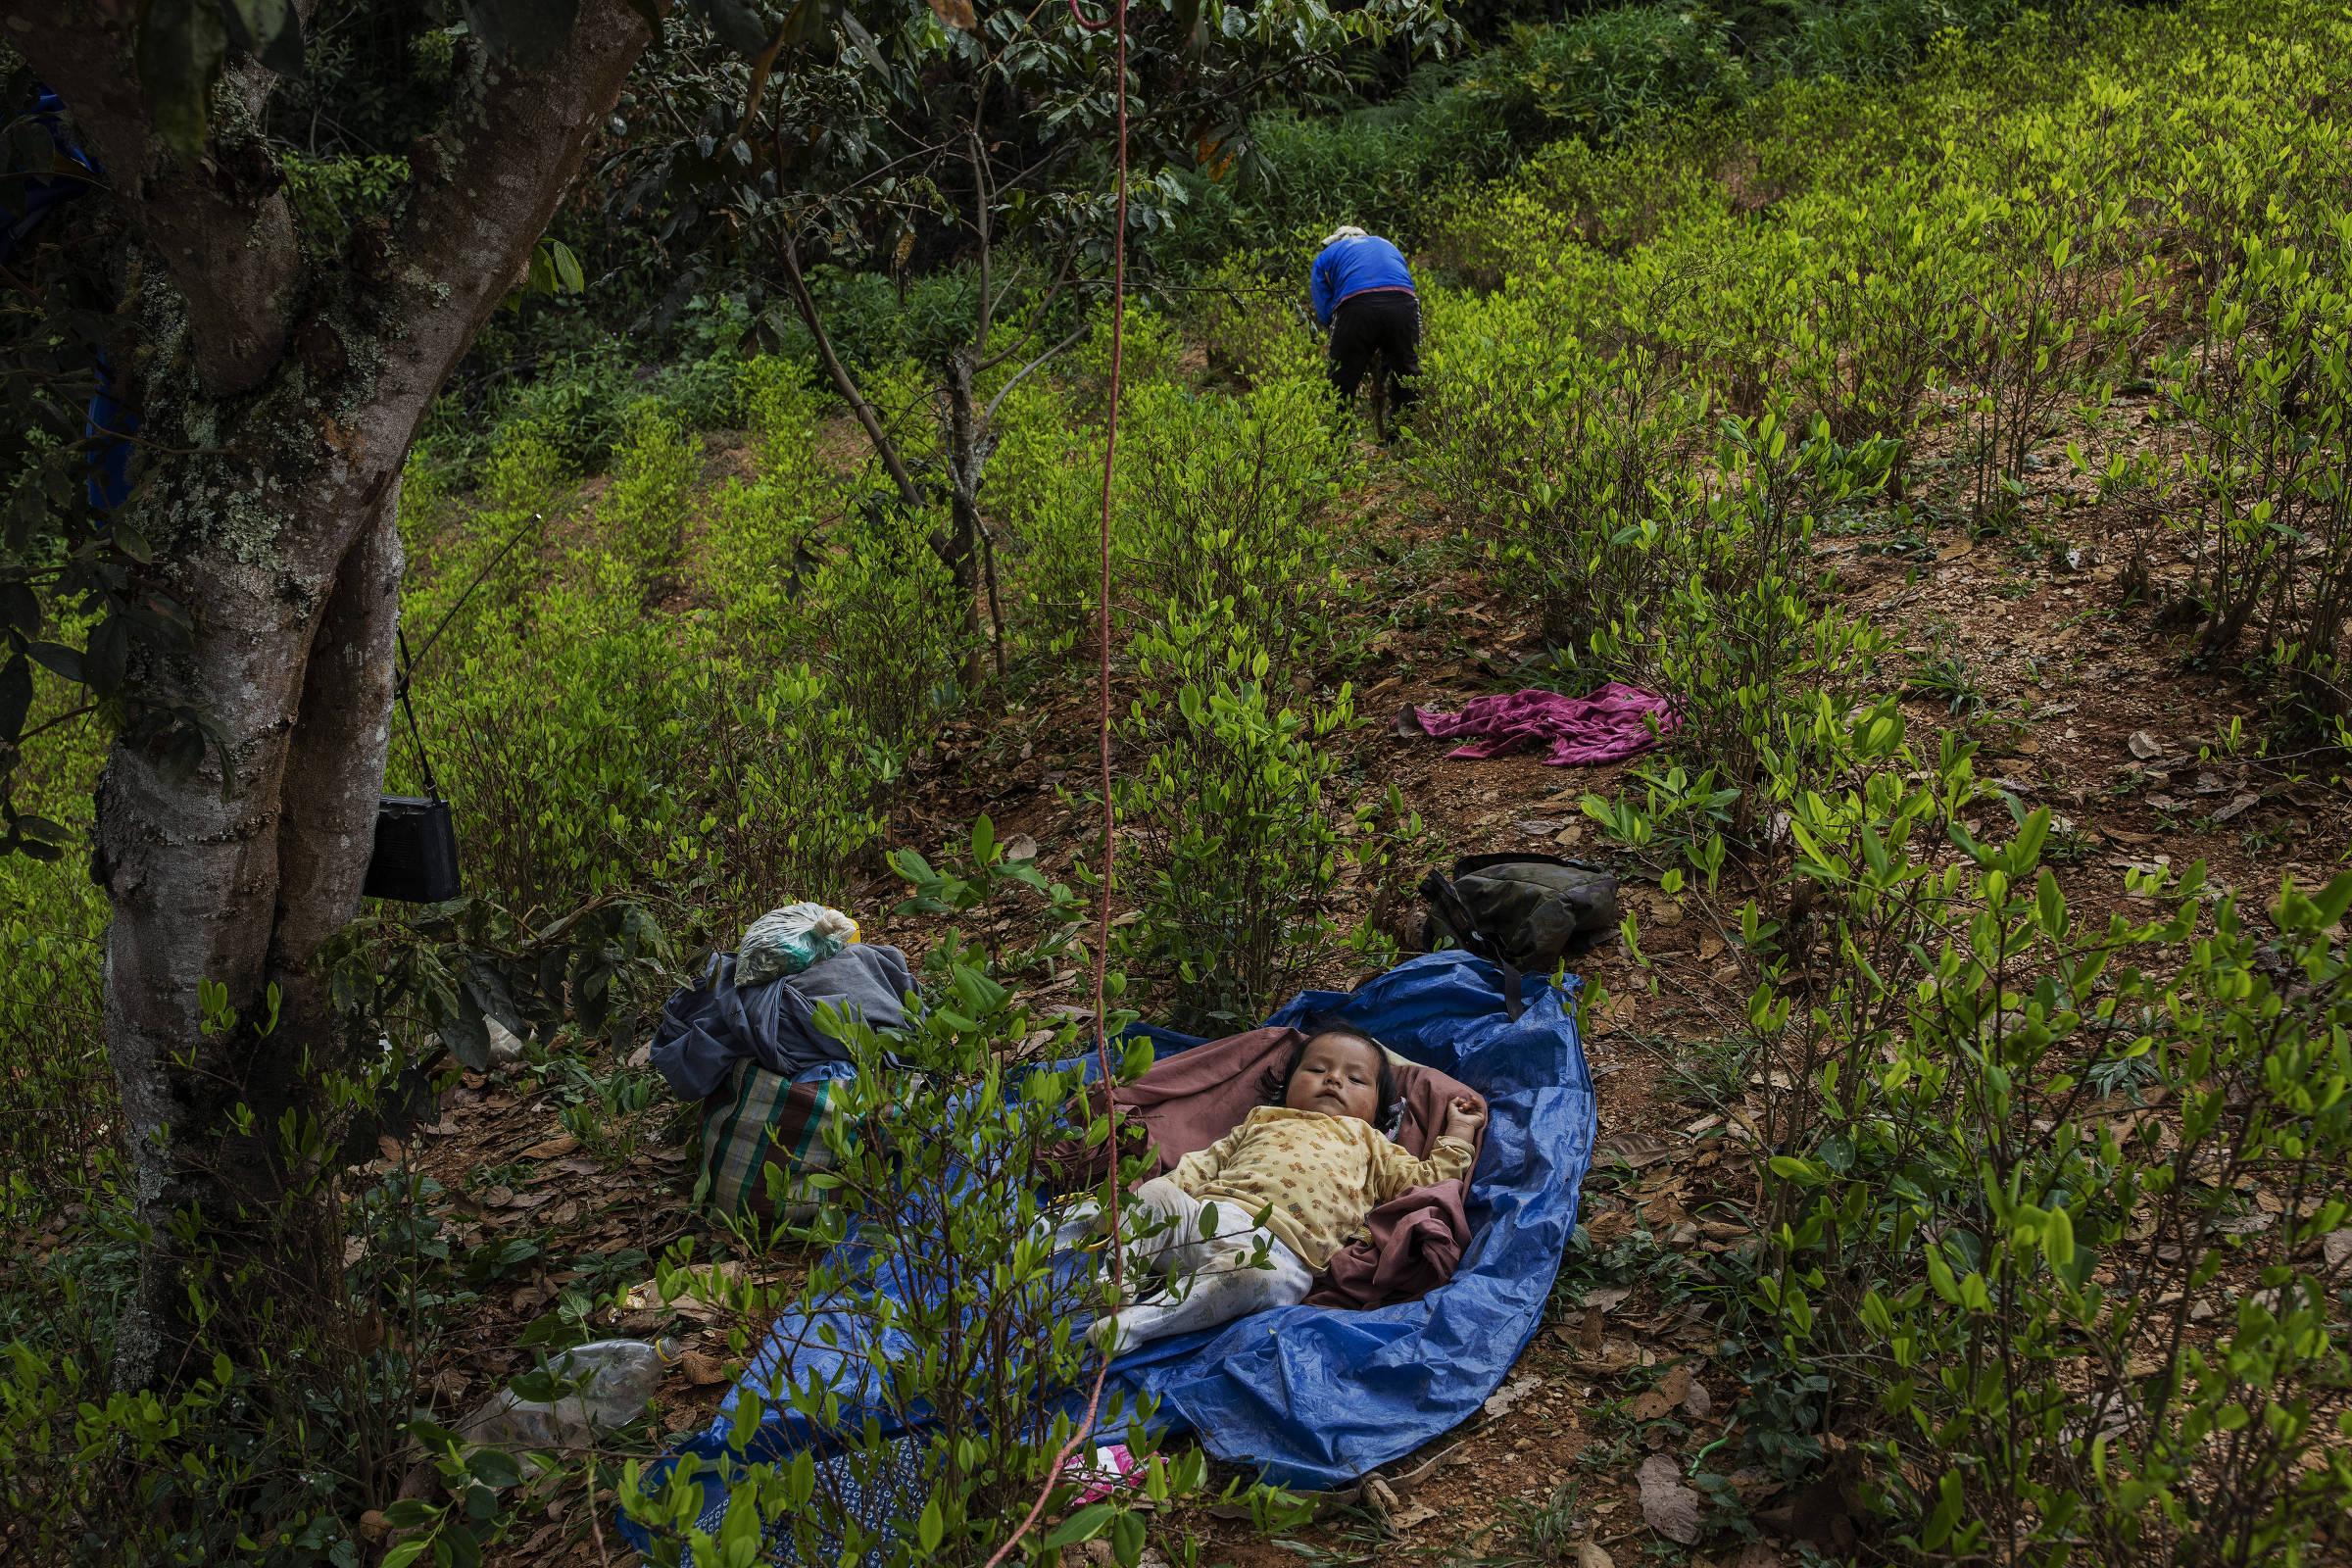 Pedro Antonio, filho de Elton Morán, descansa na sombra enquanto o pai trabalha na plantação